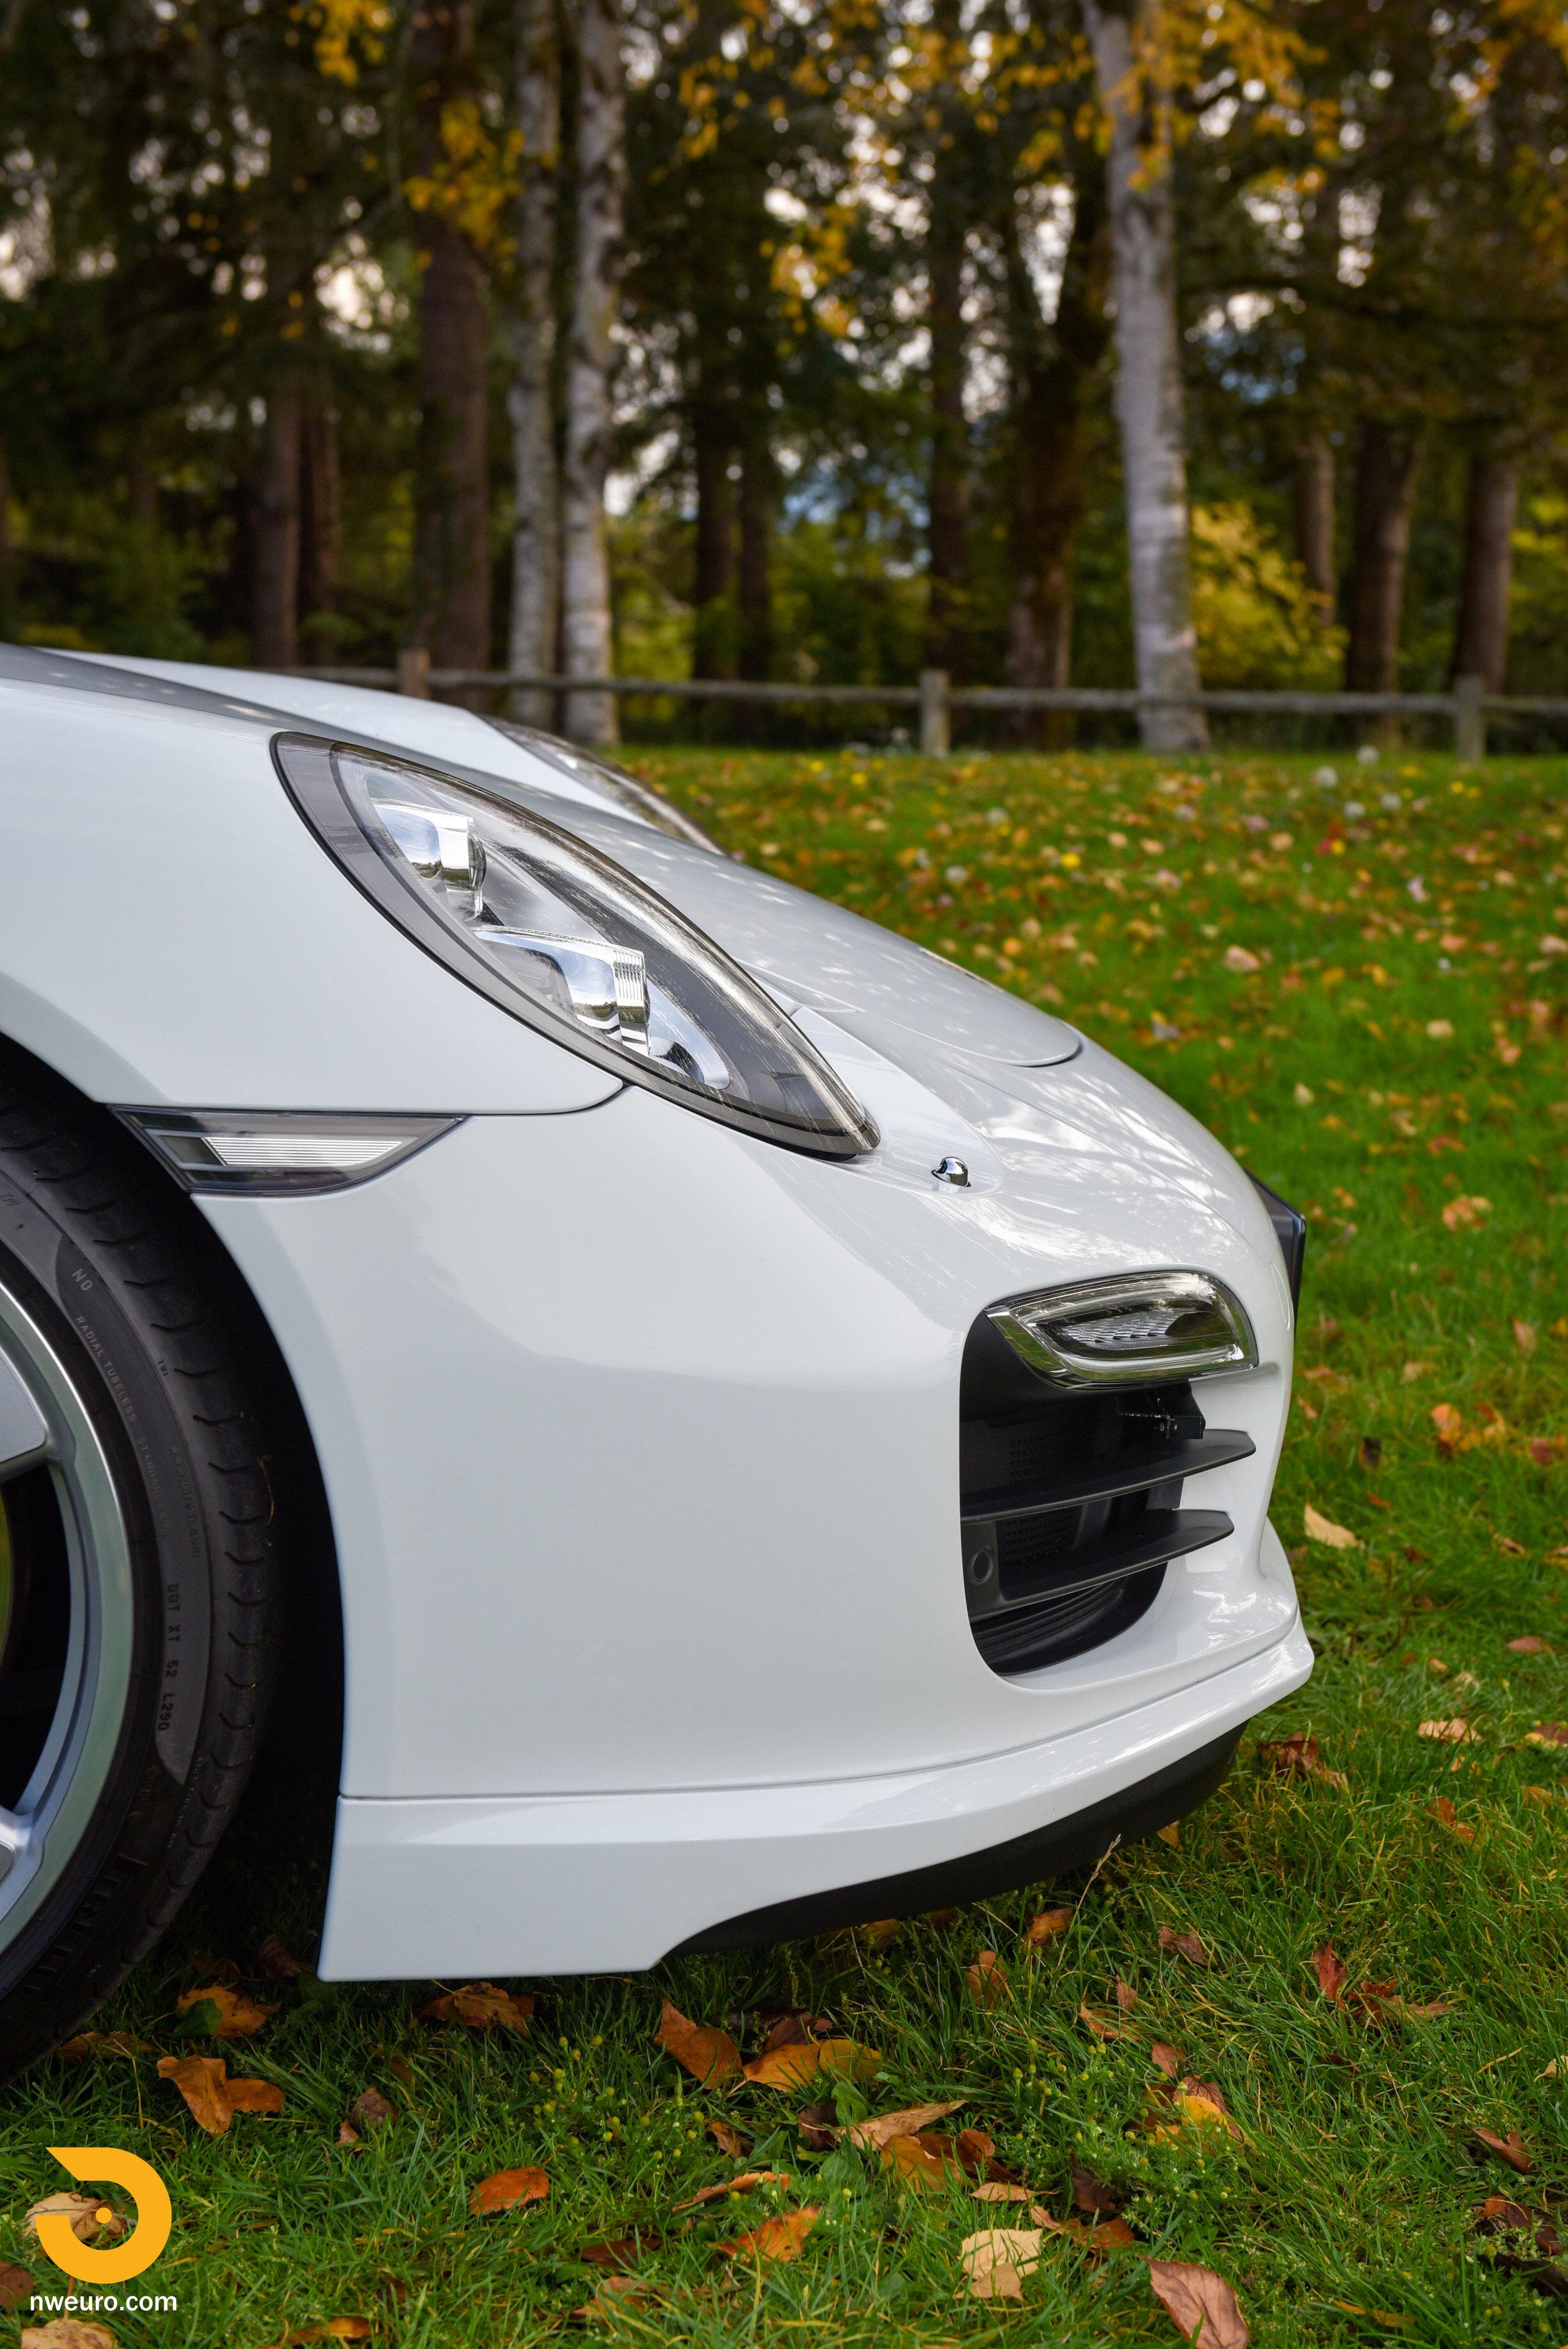 2014 Porsche 911 Turbo-45.jpg